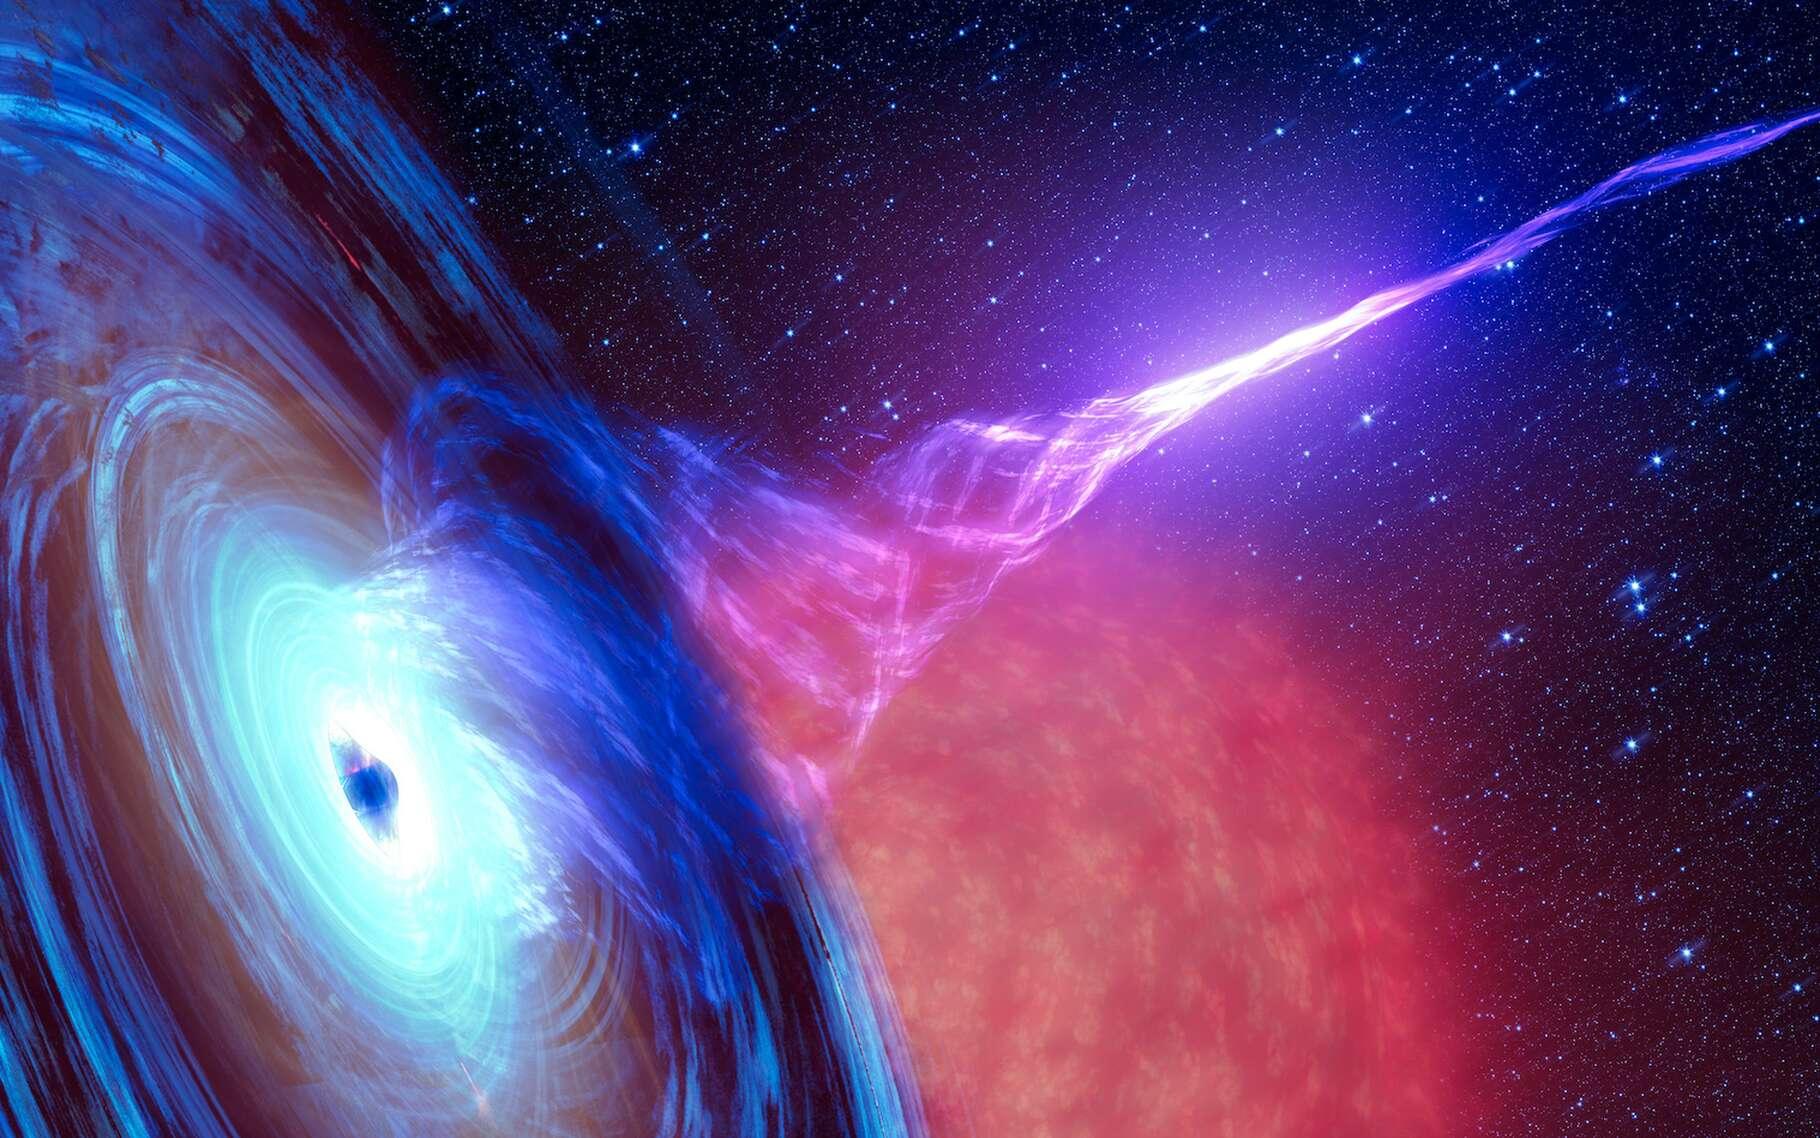 Des chercheurs de l'université de l'Arizona (États-Unis) ont étudié un événement de rupture par effet de marée qui se produit lorsqu'un trou noir avale une étoile. De quoi révéler quelques secrets du trou noir en question. © elen31, Adobe Stock